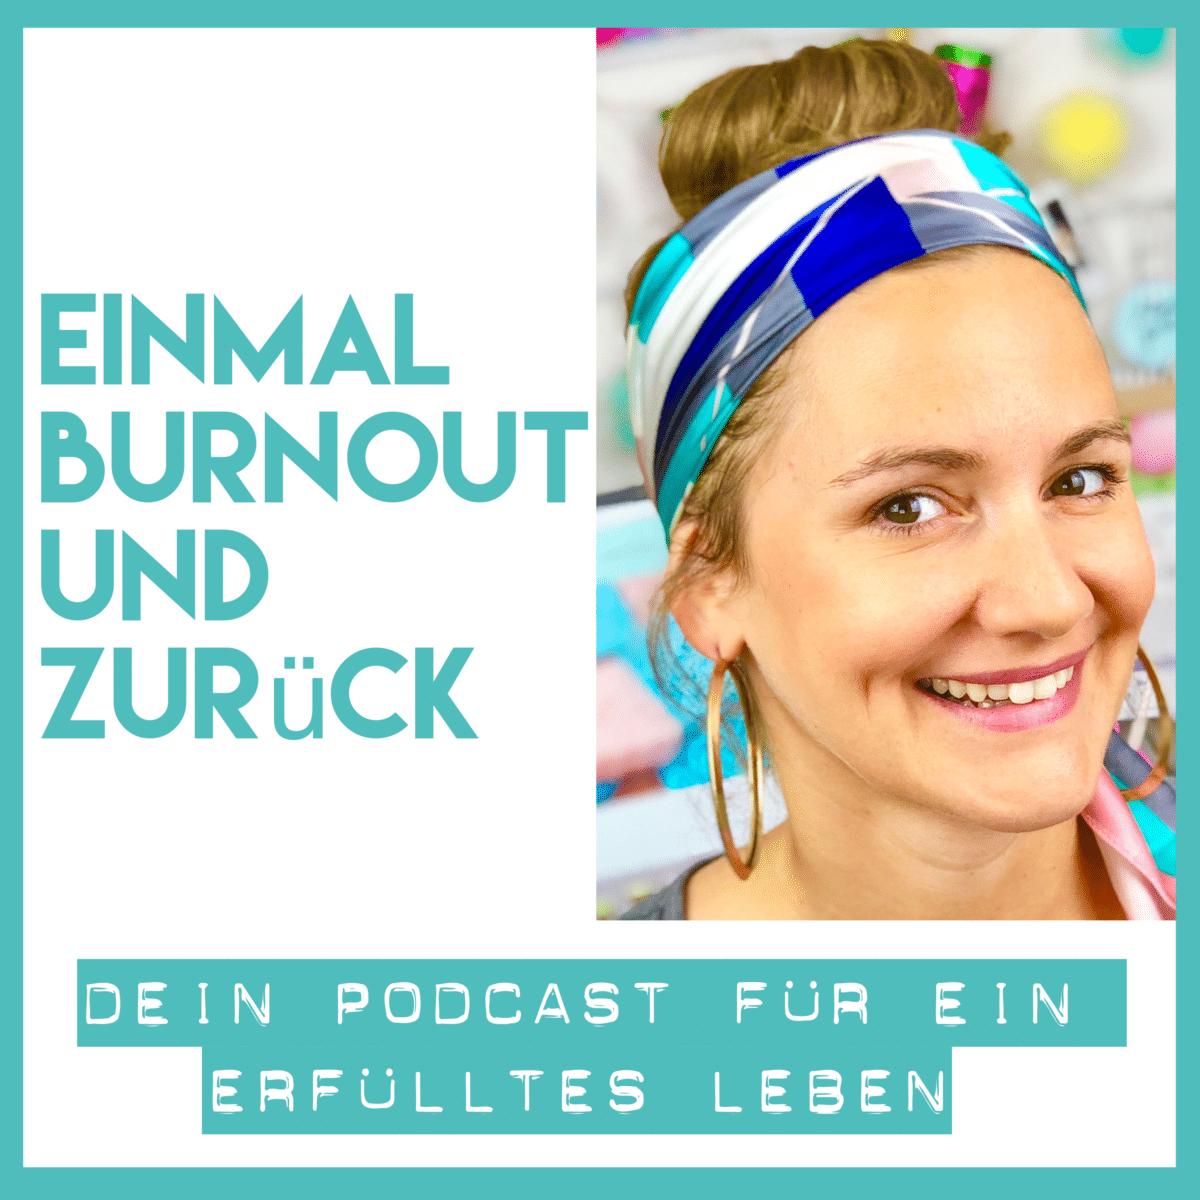 Podcast Einmal Burnout und zurück